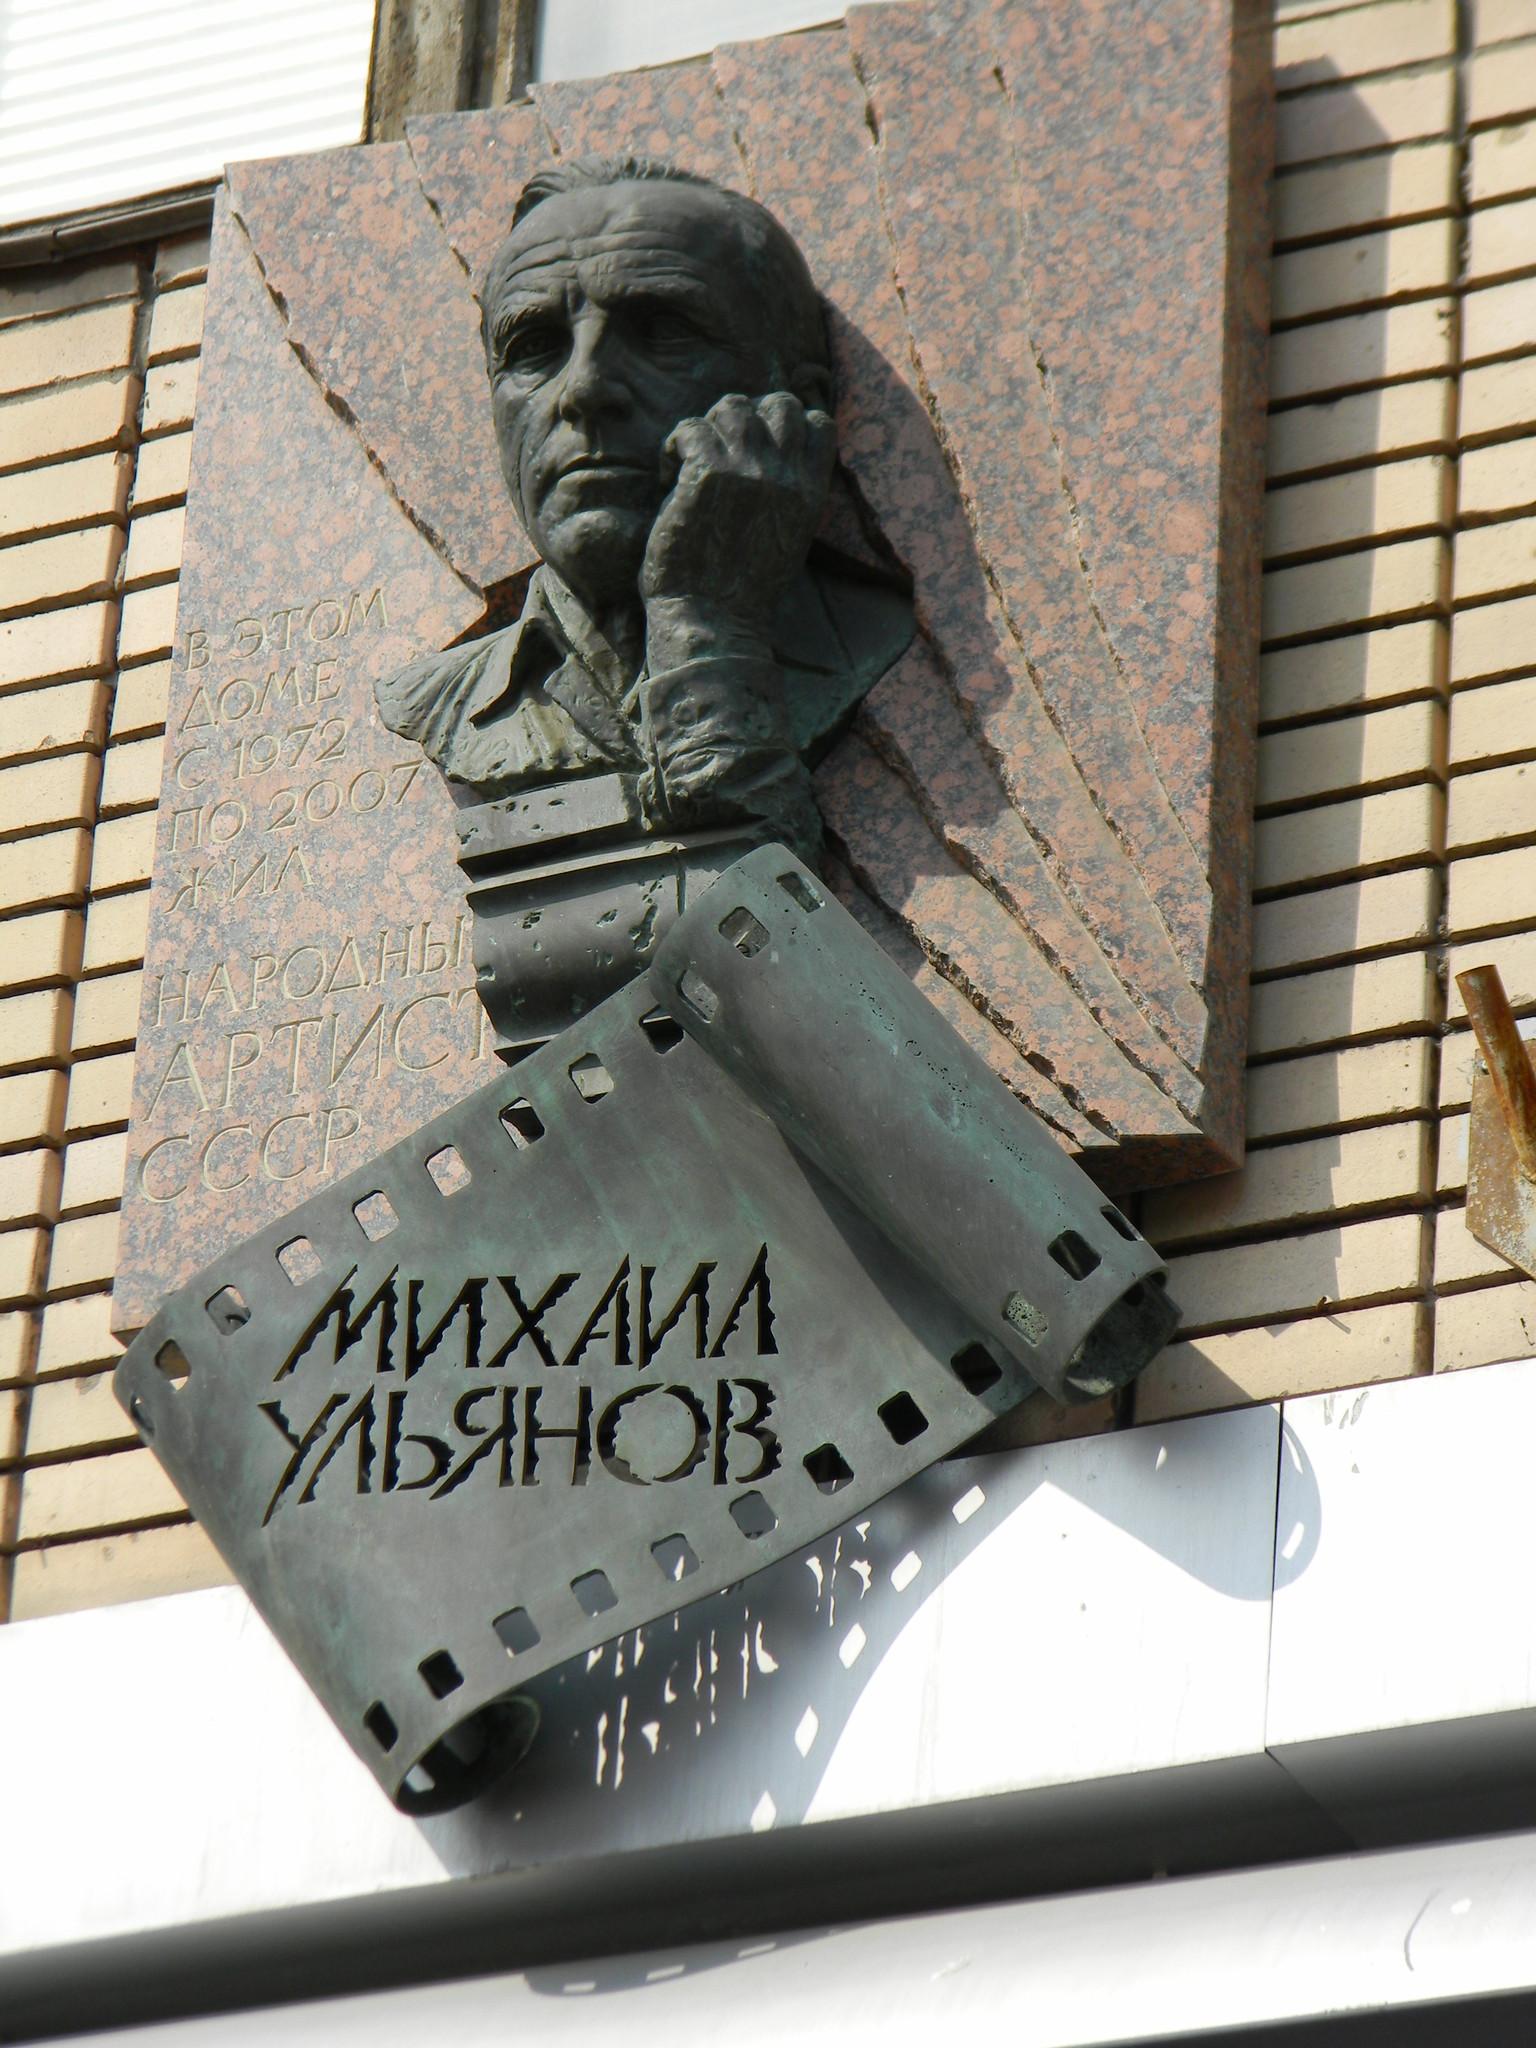 Мемориальная доска на доме № 29 по улице Большой Бронной, где с 1972 по 2007 год жил Михаил Александрович Ульянов